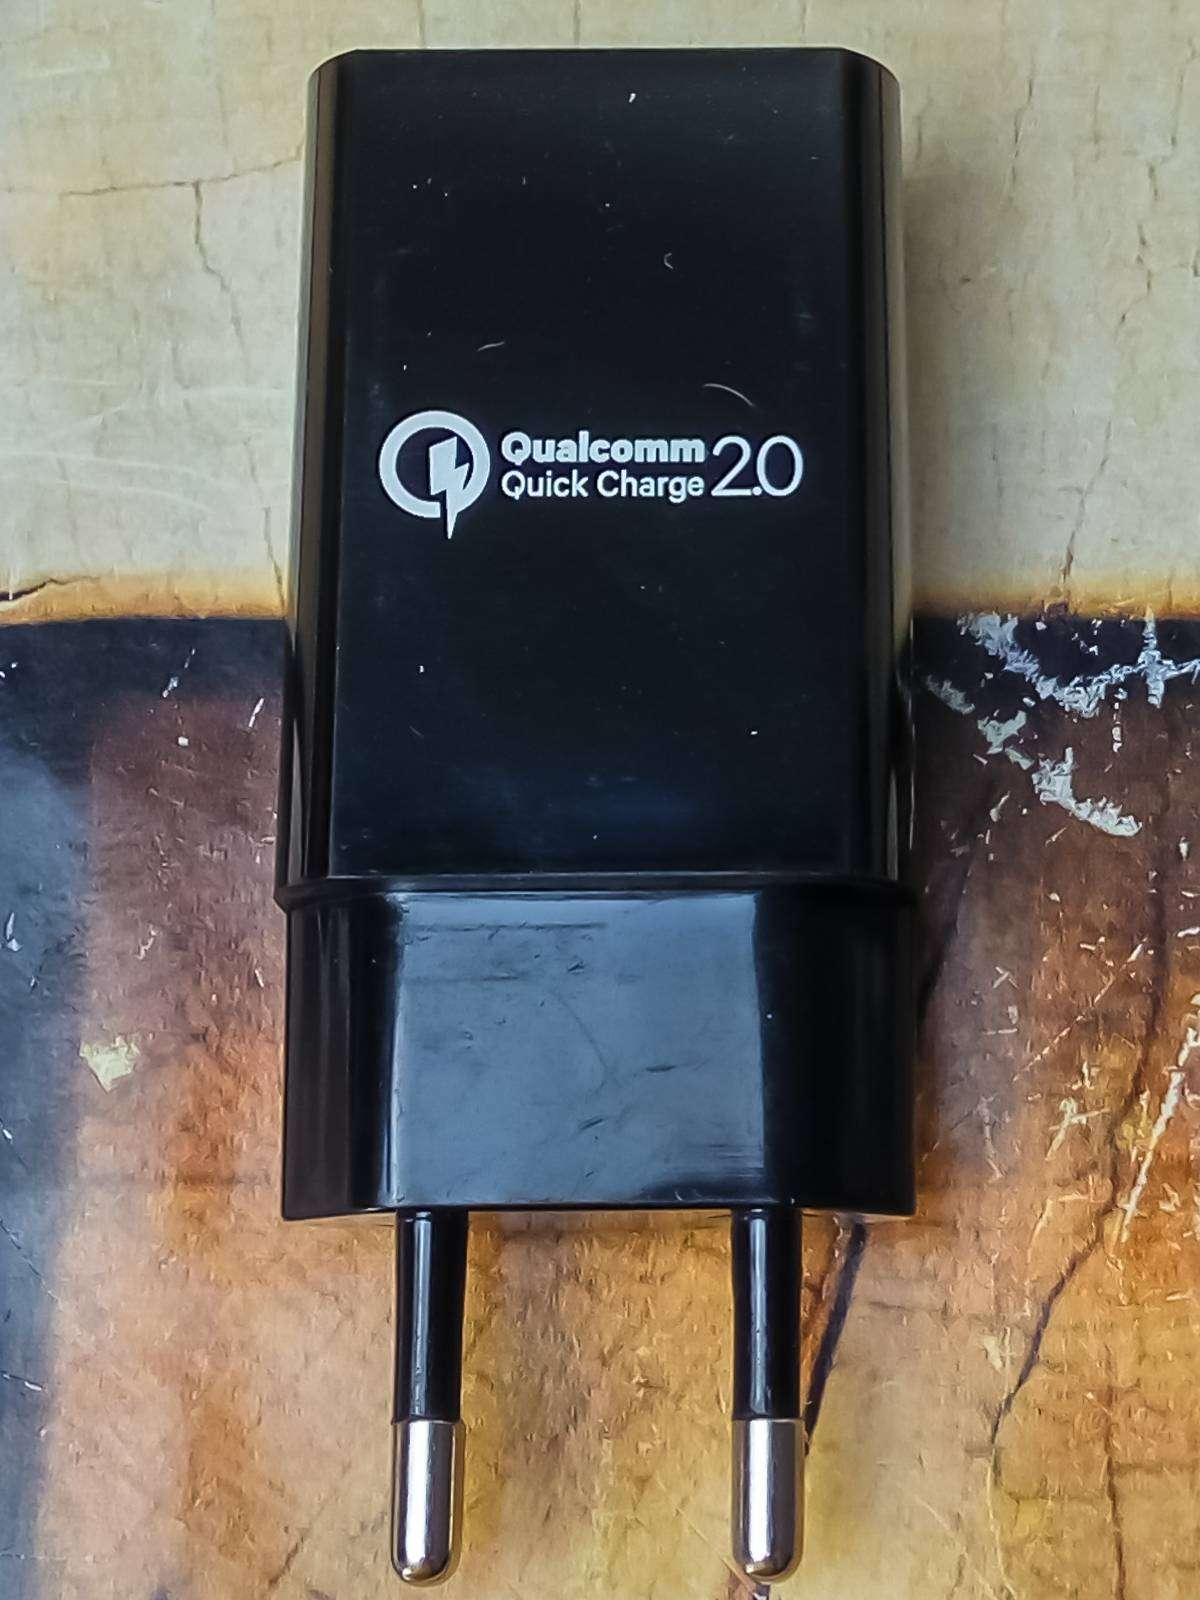 GearBest: Неожиданно честная зарядка с QC2.0 за 3 бакса